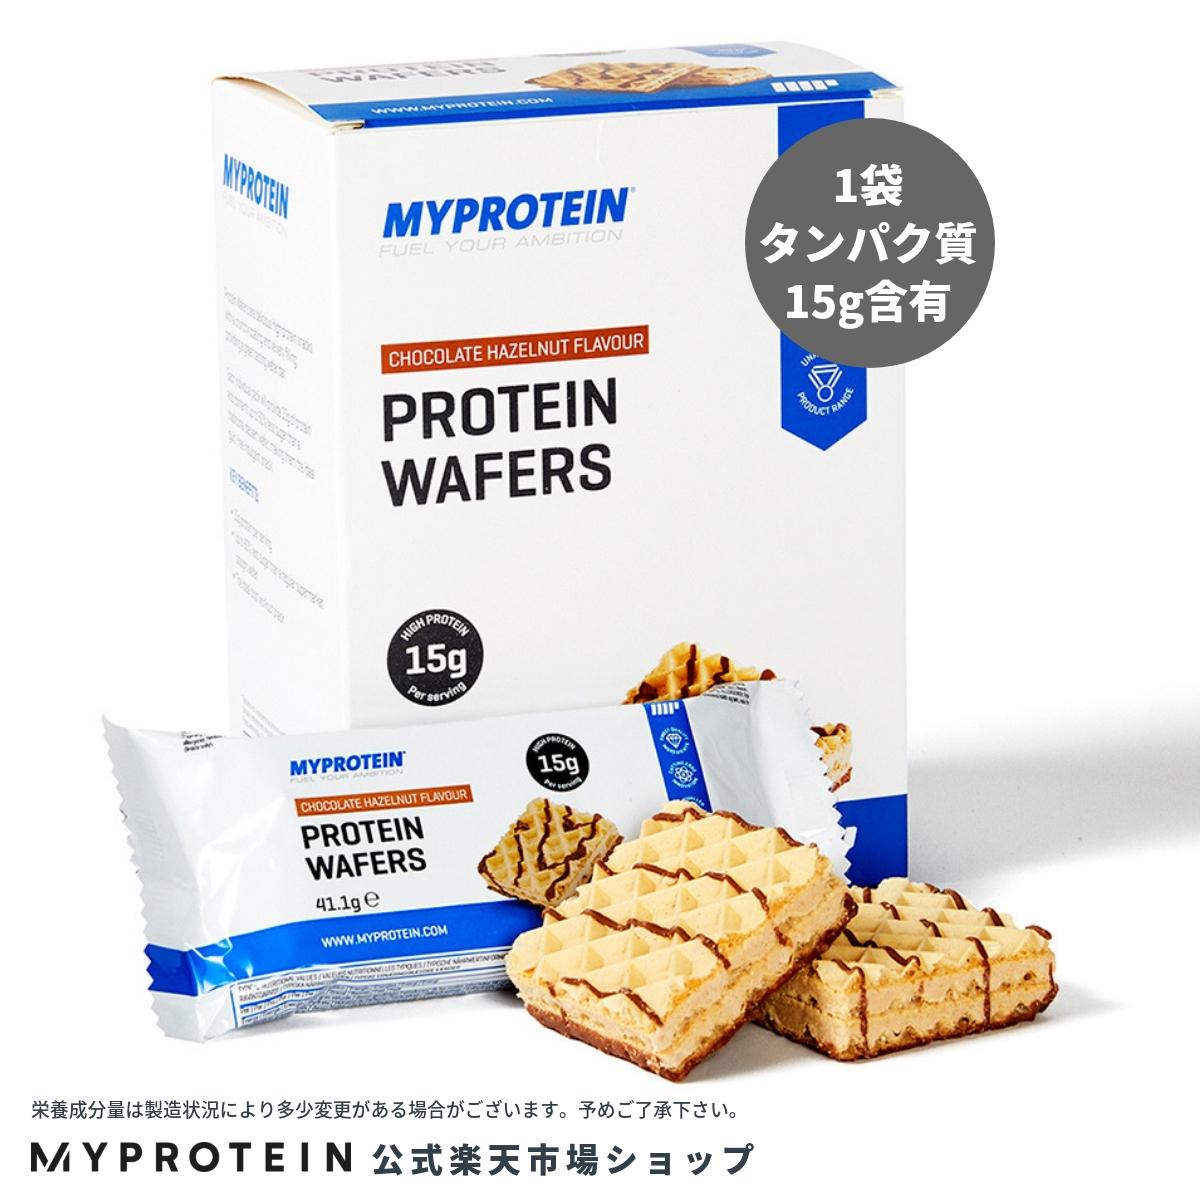 マイプロテイン 公式 【MyProtein】 プロテイン ウエハース 10パック入| プロテインバー プロテインスナック 低糖質 糖質制限 低糖 低脂肪 高たんぱく チョコ バニラ ベイクドチョコ【楽天海外直送】